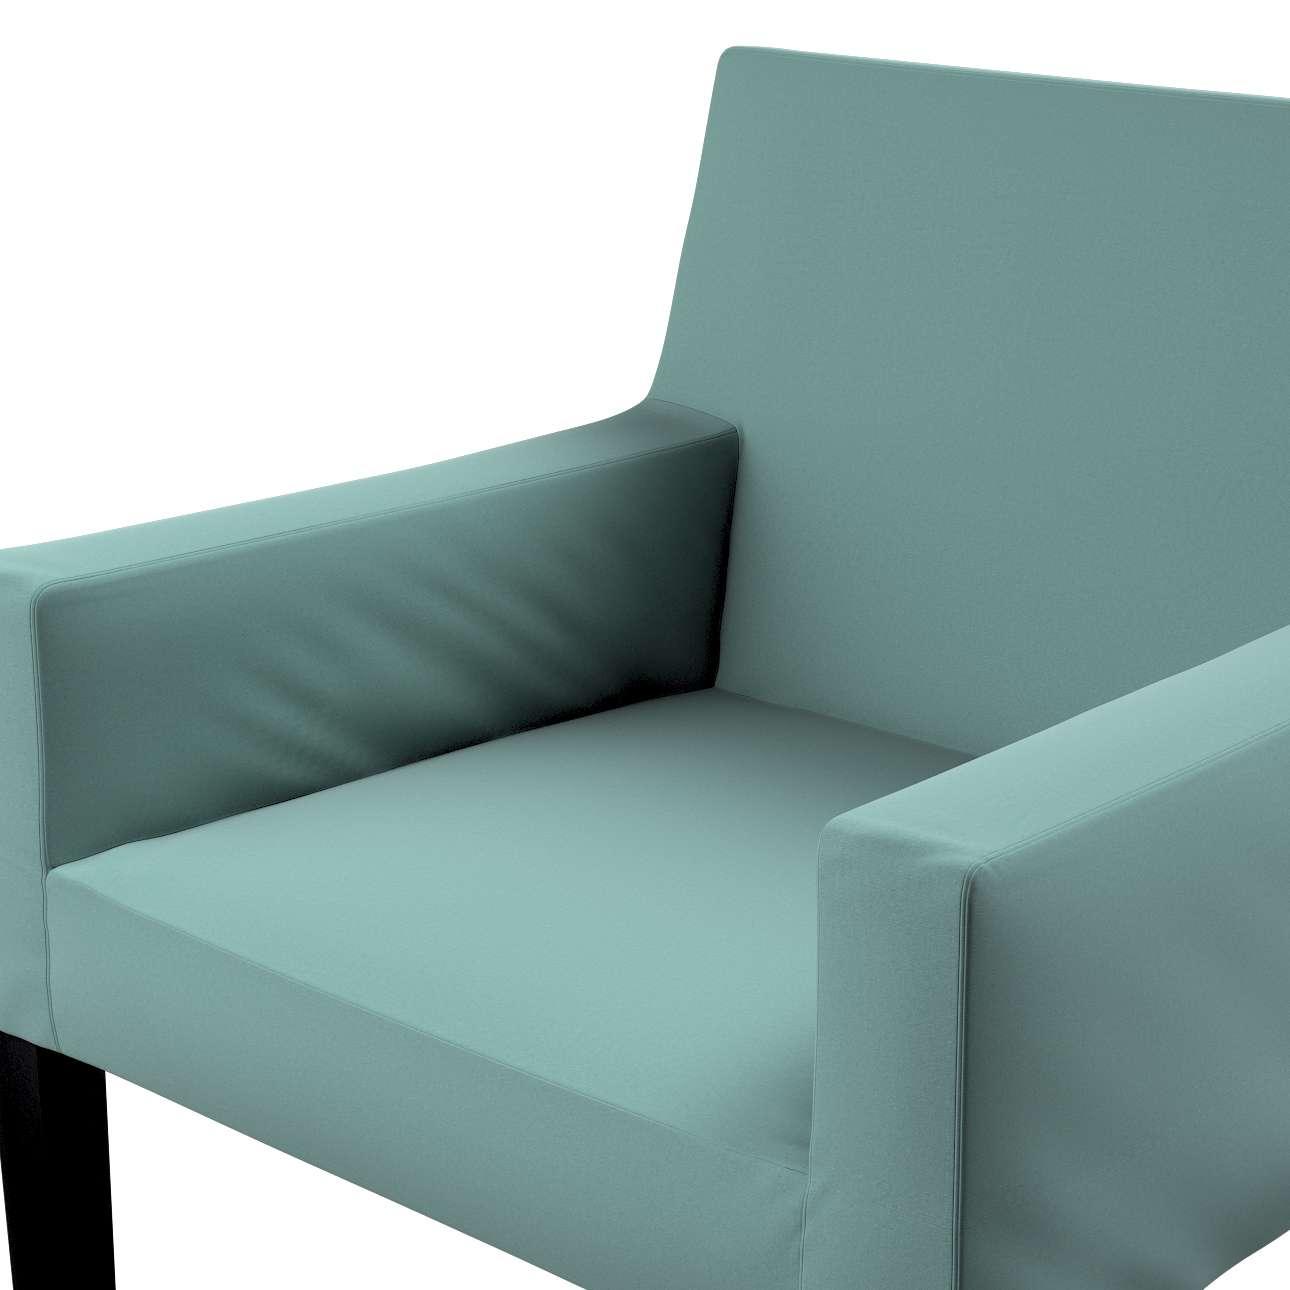 Sukienka na krzesło Nils w kolekcji Velvet, tkanina: 704-18